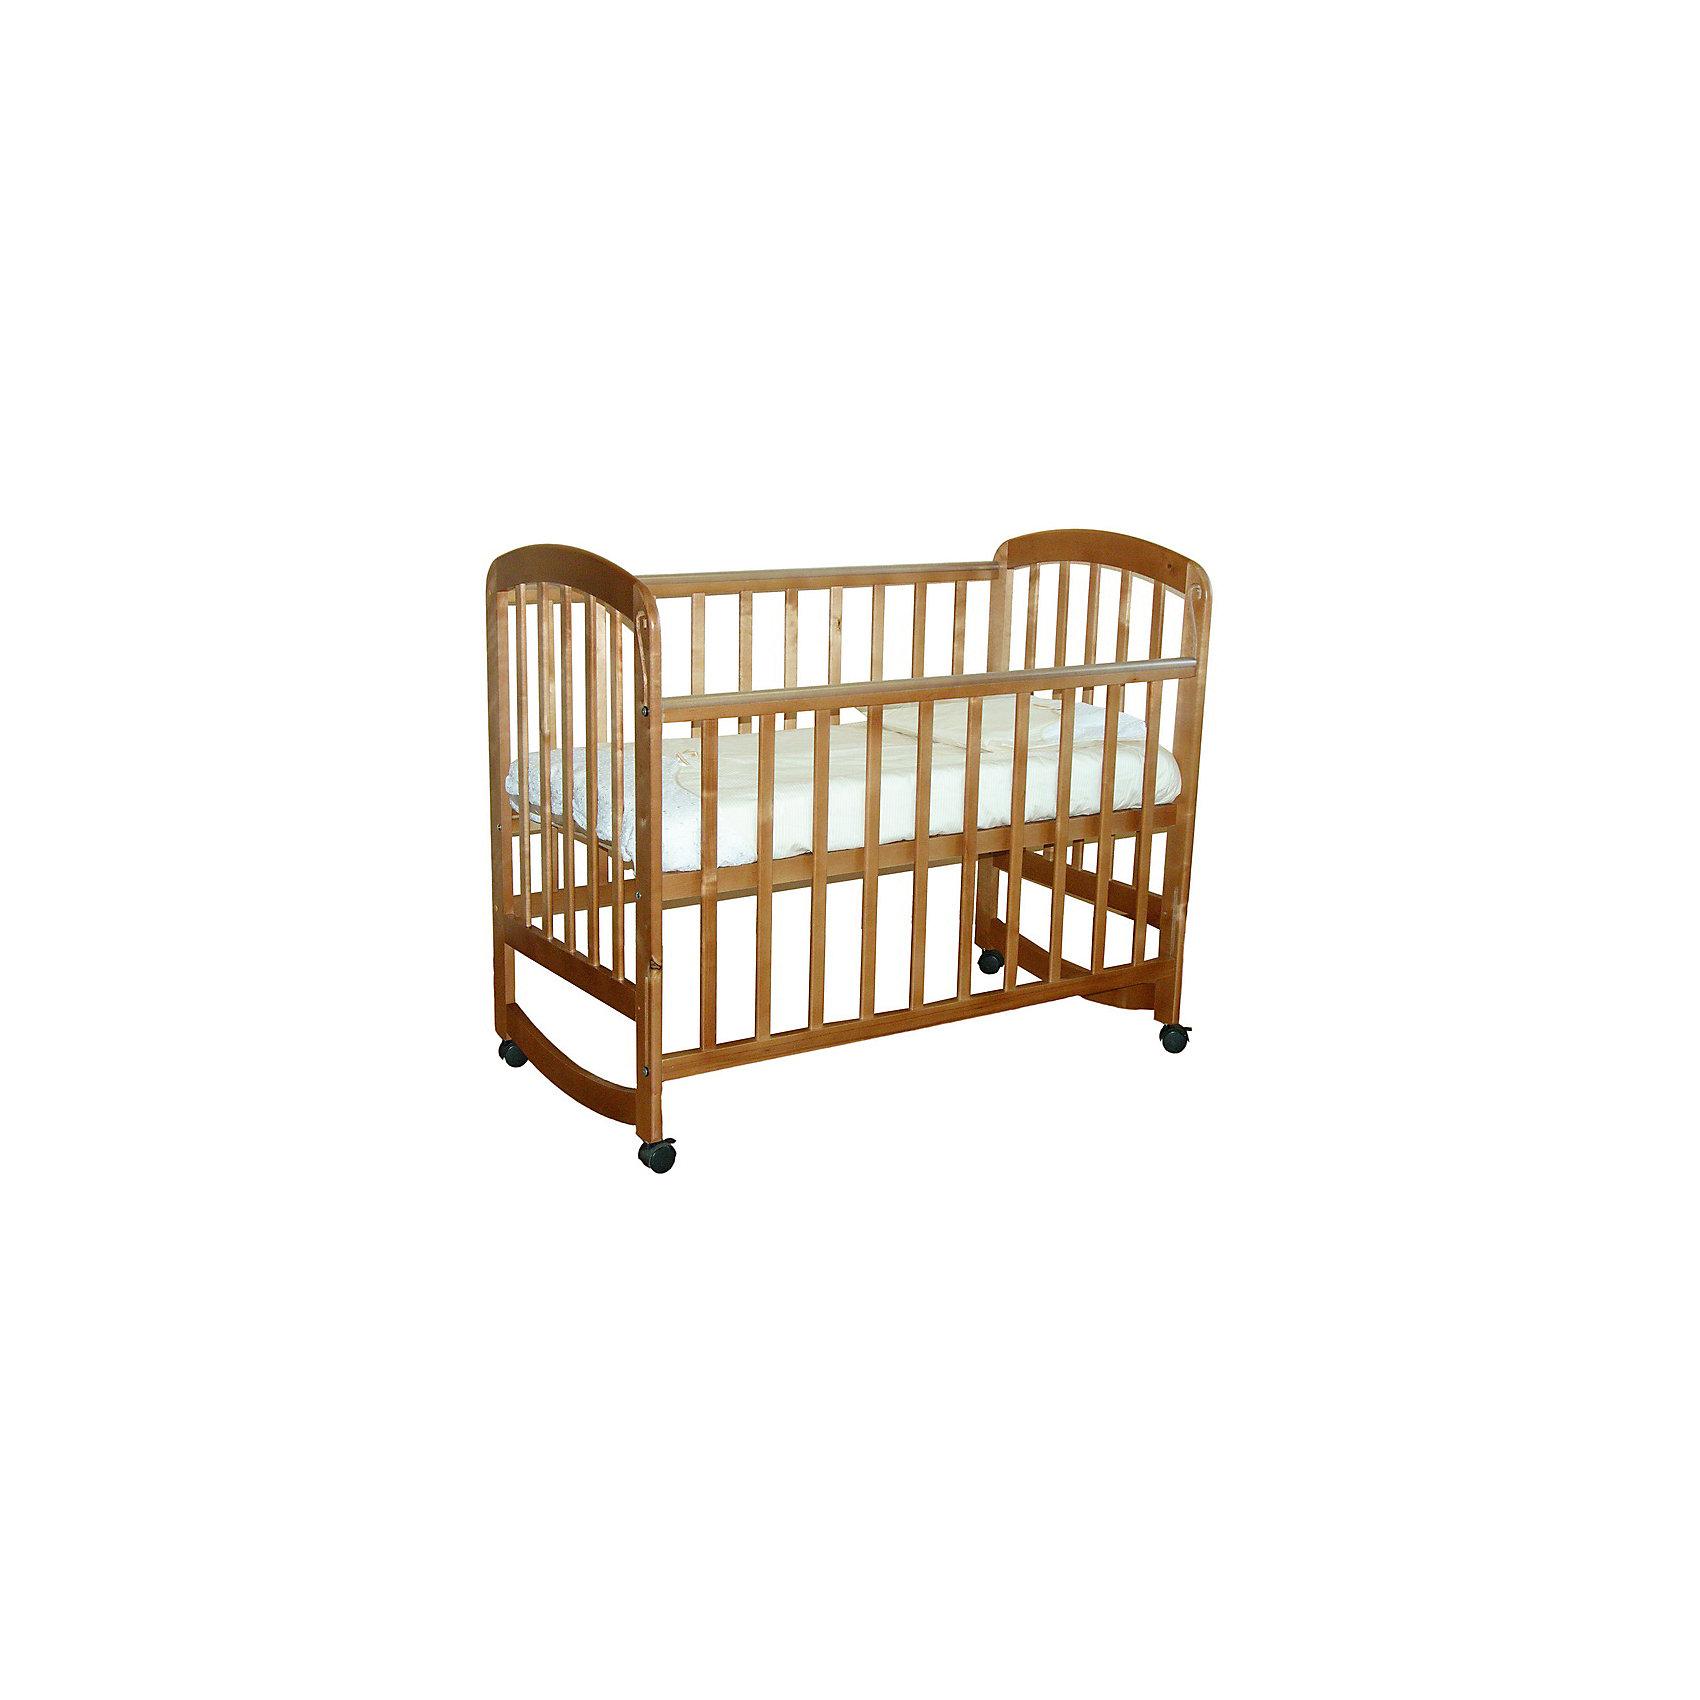 Кроватка 304, Фея, медовыйКроватки<br>Кроватка Фея подарит малышам комфортный отдых и сладкий сон с первых дней жизни. Кроватка изготовлена из высококачественных экологичных, безопасных для детей материалов, она вместительная и прочная, поэтому прослужит вам и вашему малышу очень долго. Реечное дно модели регулируется в двух положениях - когда ваш кроха подрастет, опустите ложе и не беспокойтесь о том, что юный непоседа сможет самостоятельно выбраться из своего гнездышка.  Благодаря специальному механизму, боковая стенка кровати быстро и легко опускается даже одной рукой. Кровать имеет колесики, с помощью которых ее удобно перемещать по комнате, при желании колеса можно снять, преобразовав кровать в качалку. <br><br>Дополнительная информация:<br><br>- Материал: дерево (массив березы).<br>- Размеры: 124,5х67,5х105 см.<br>- Для матраса размером: 120x60 см.<br>- Ложе регулируется в 2-х положениях.<br>- Передняя стенка опускается. <br>- Дно: реечное.<br>- Стенки: реечные. <br>- Съемные колеса.<br>- Качалка. <br>- Накладки из ПВХ. <br><br>Кроватку 304, Фея, медовую, можно купить в нашем магазине.<br><br>Ширина мм: 1005<br>Глубина мм: 1248<br>Высота мм: 675<br>Вес г: 17700<br>Возраст от месяцев: 0<br>Возраст до месяцев: 36<br>Пол: Унисекс<br>Возраст: Детский<br>SKU: 4796973